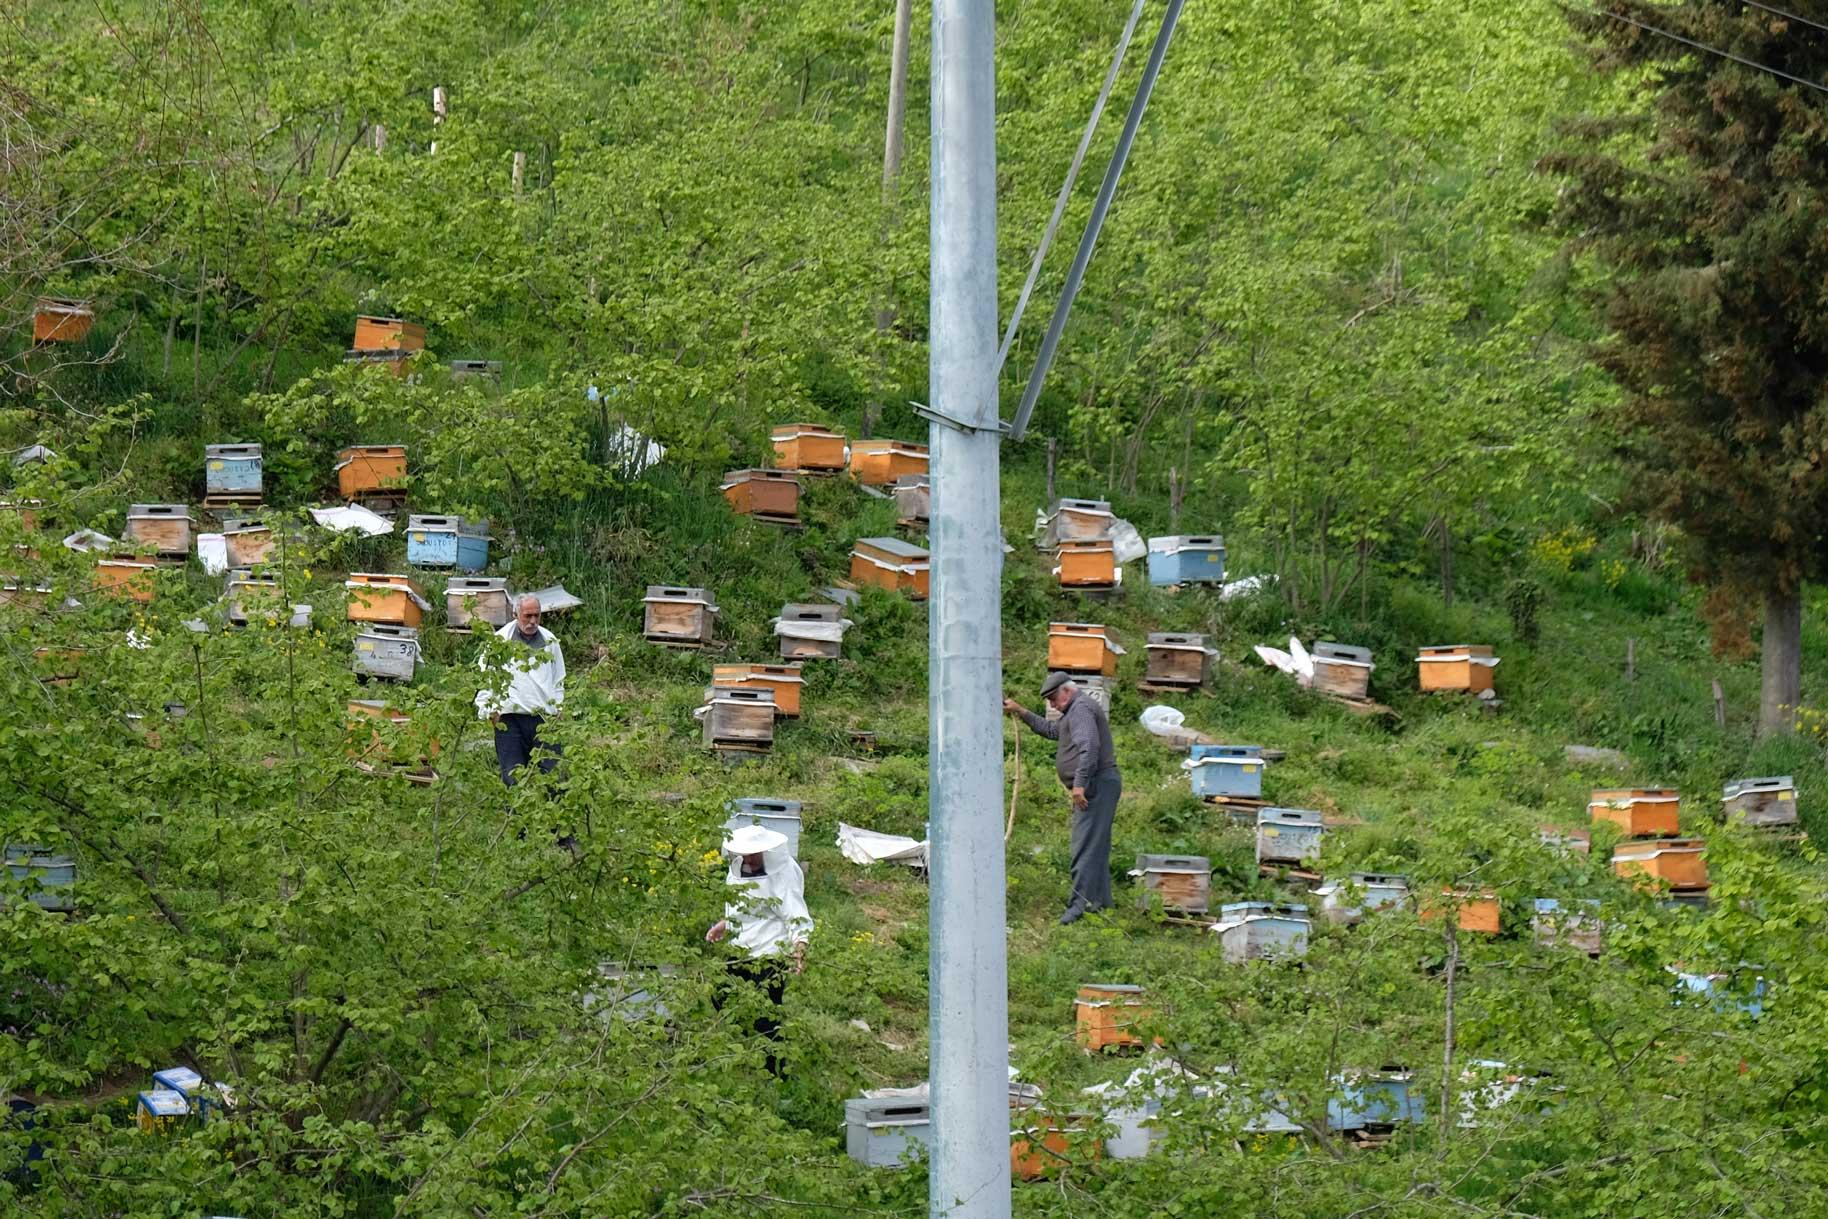 Bienenkästen und zwei Imker